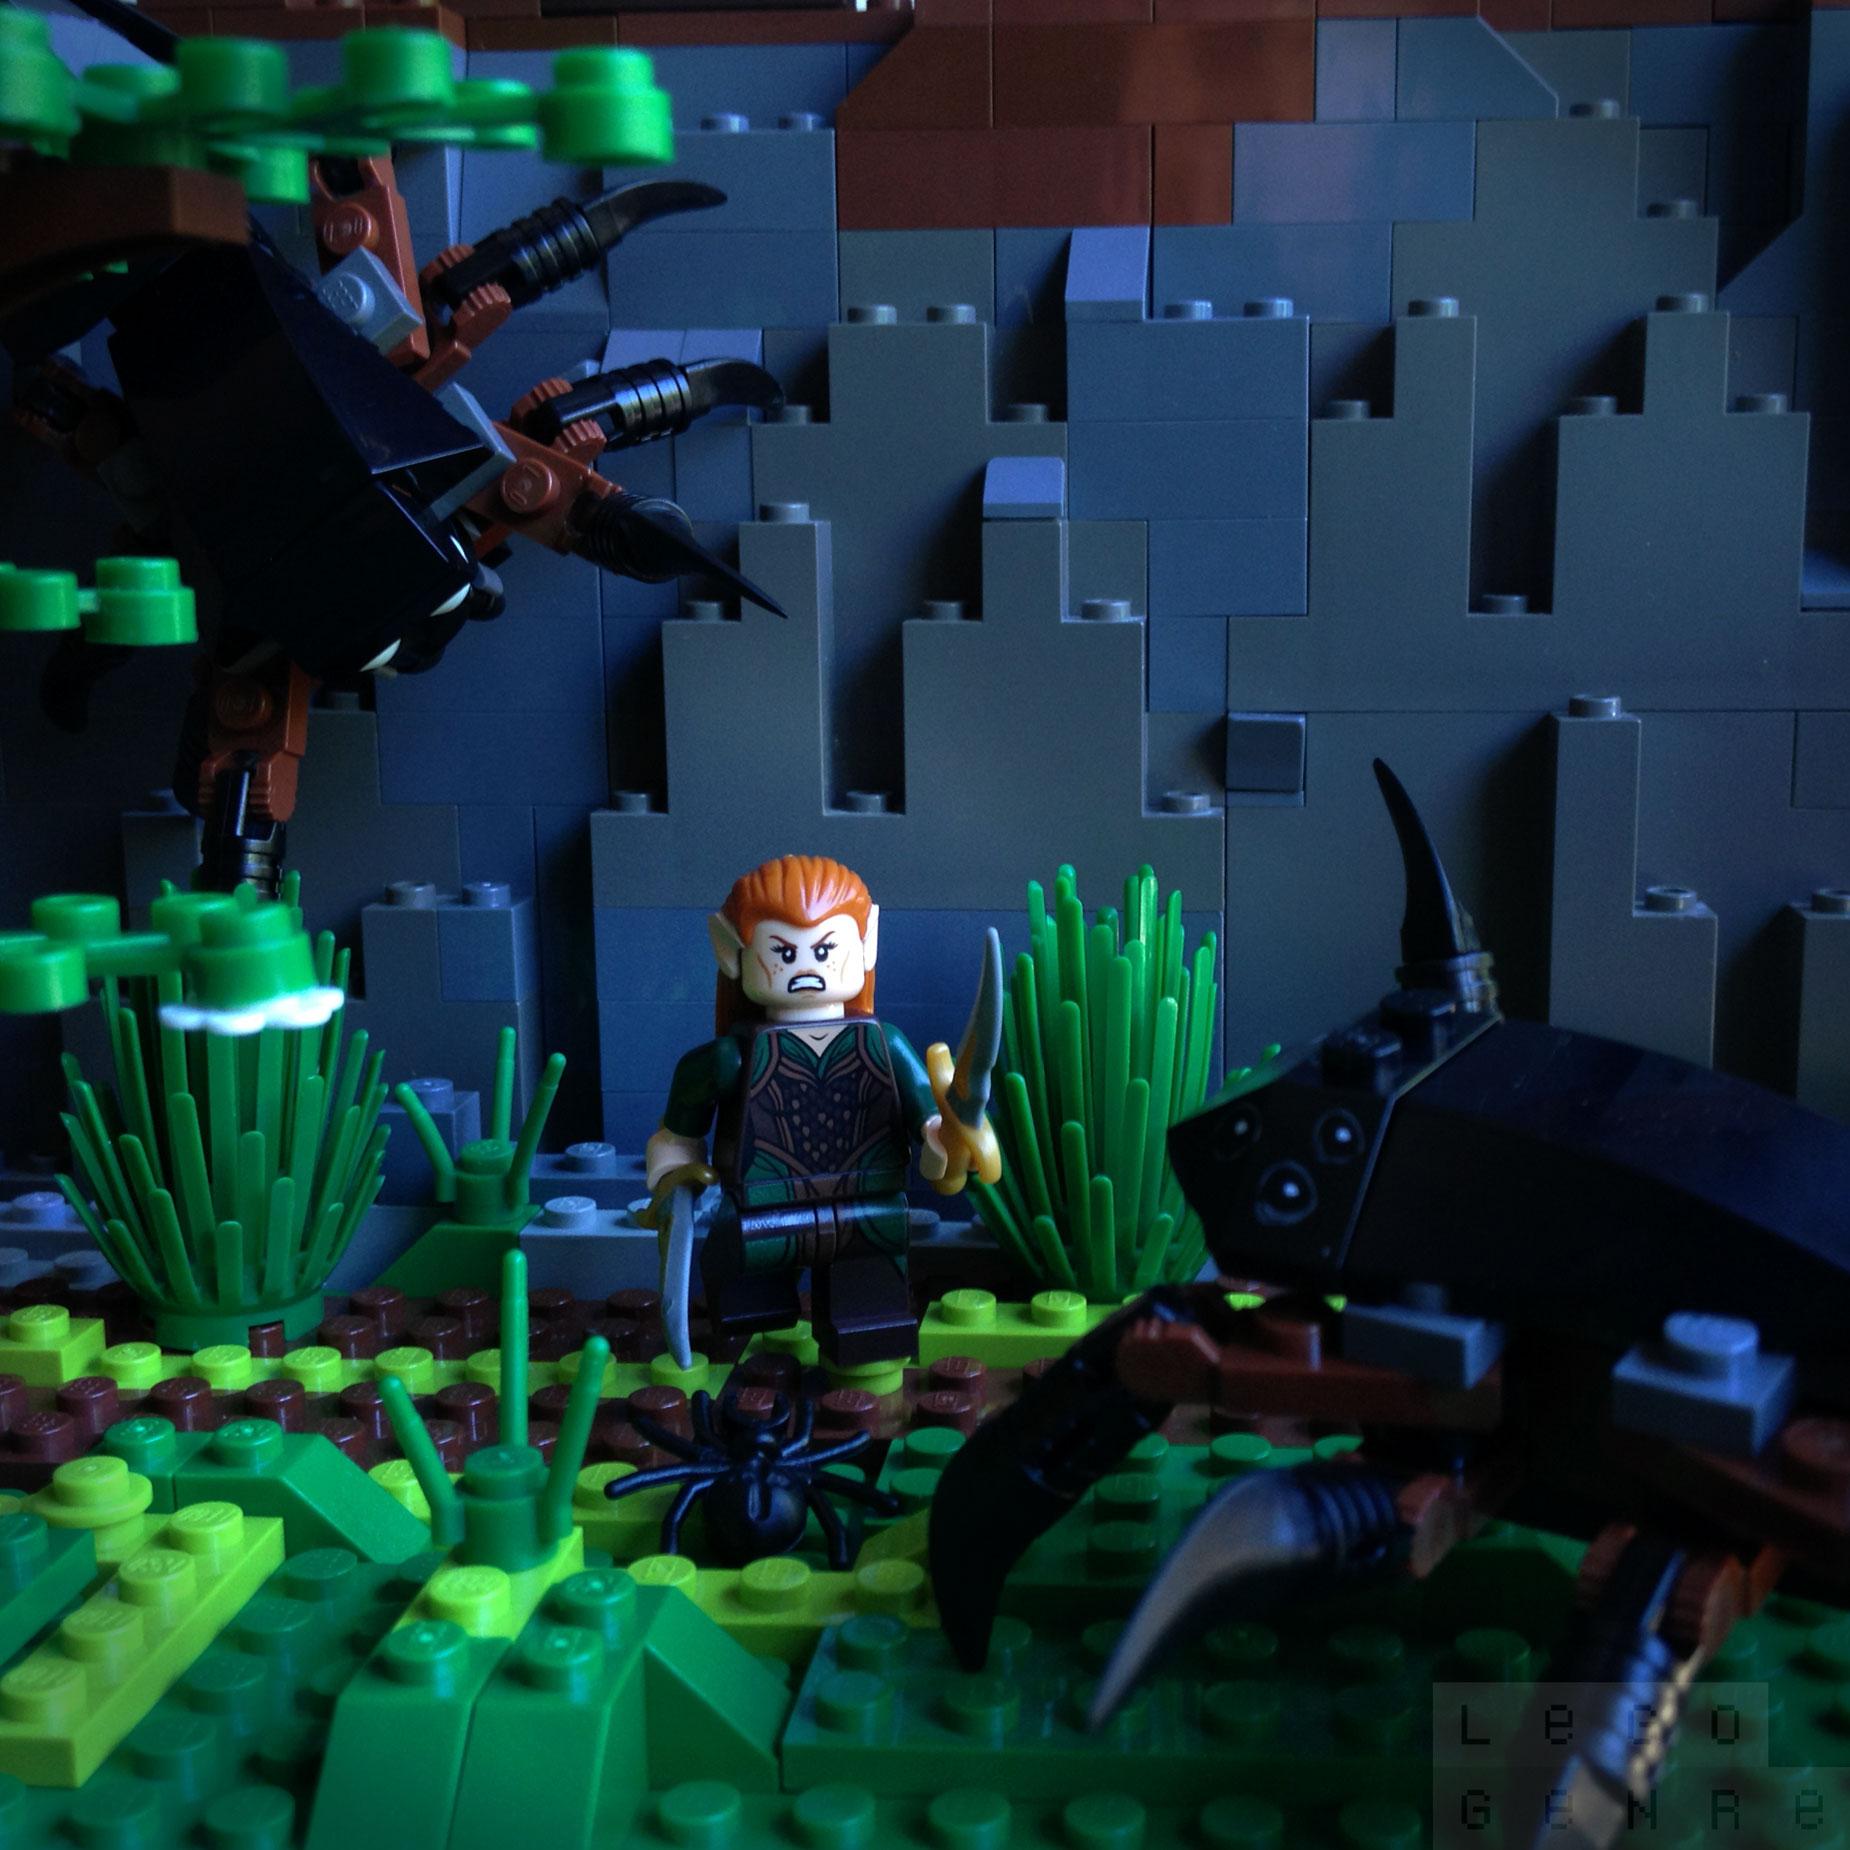 LegoGenre 00272: Escape From Mirkwood